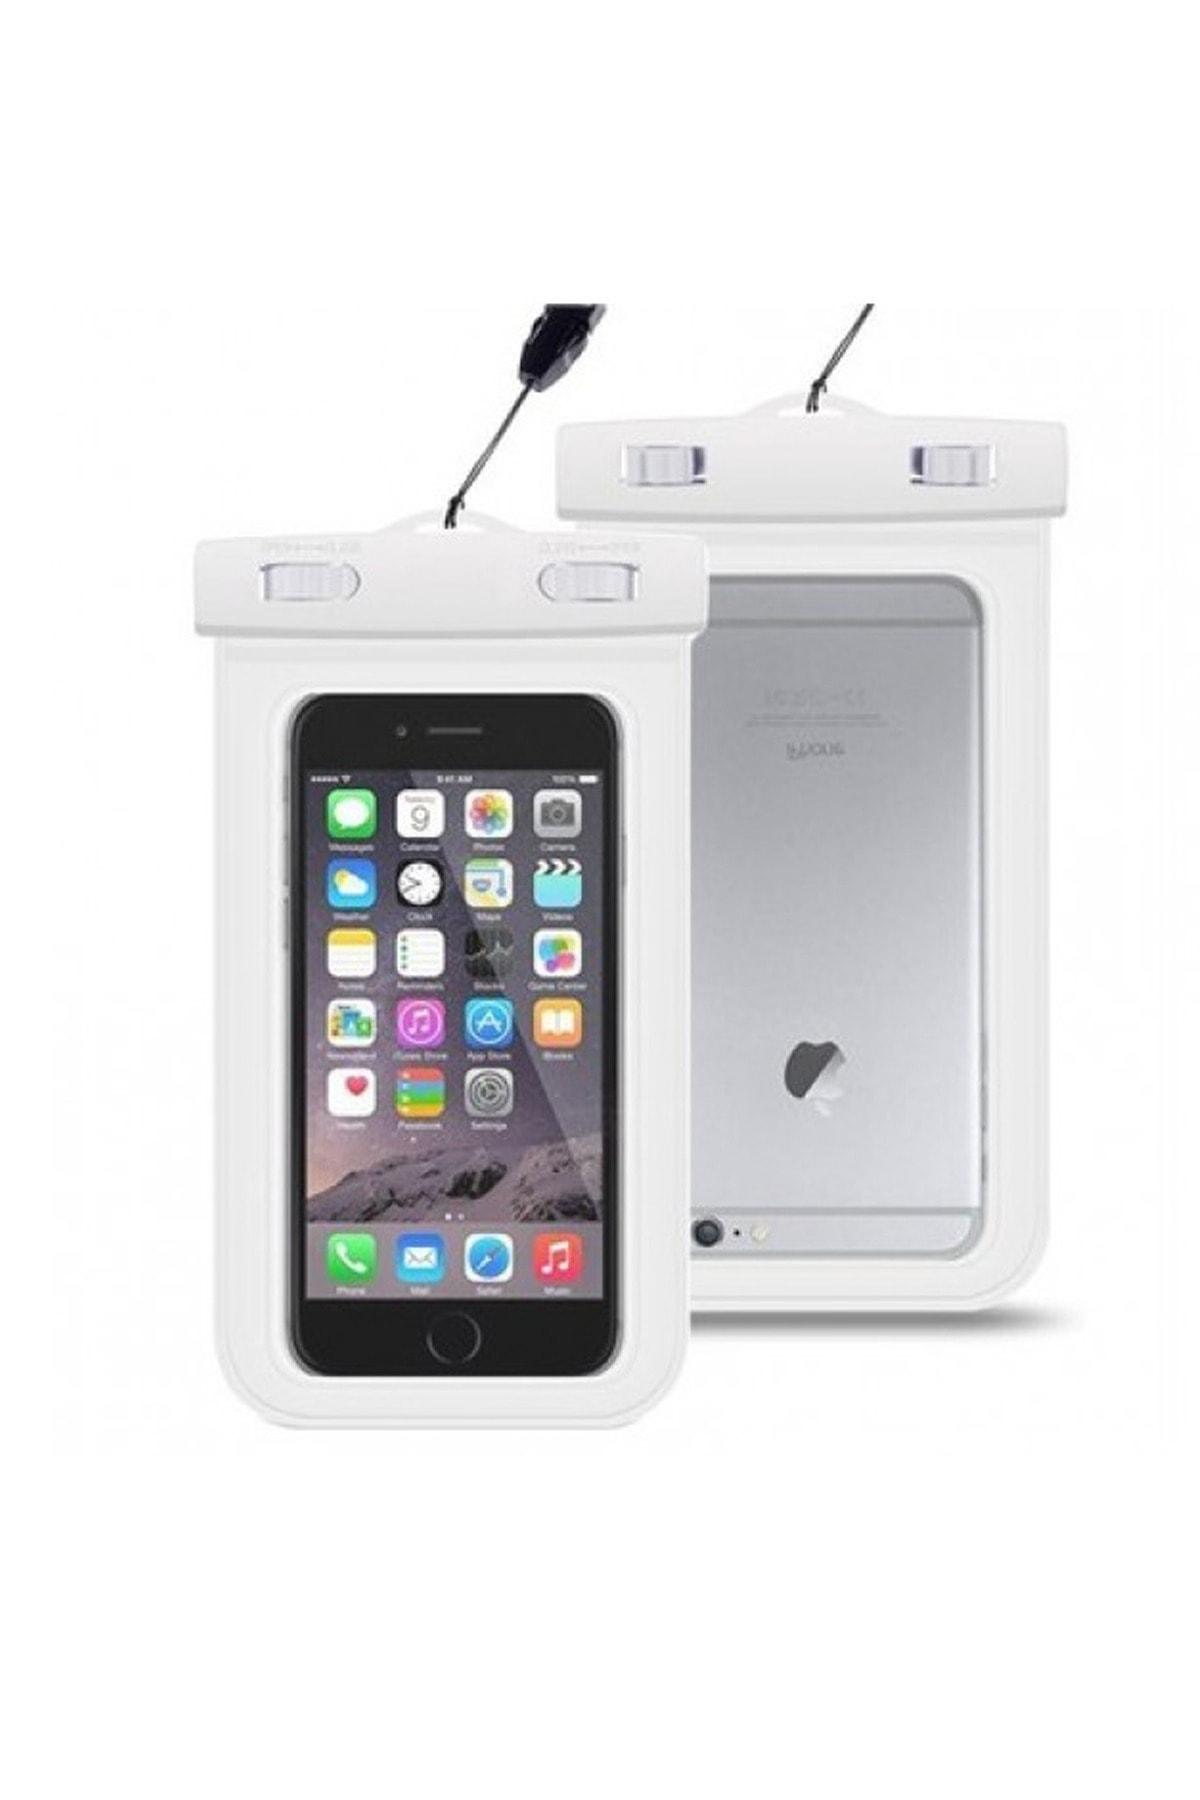 GDL Retro Mobile Su Geçirmez Telefon Kılıfı (YERLİ ÜRETİM) 1